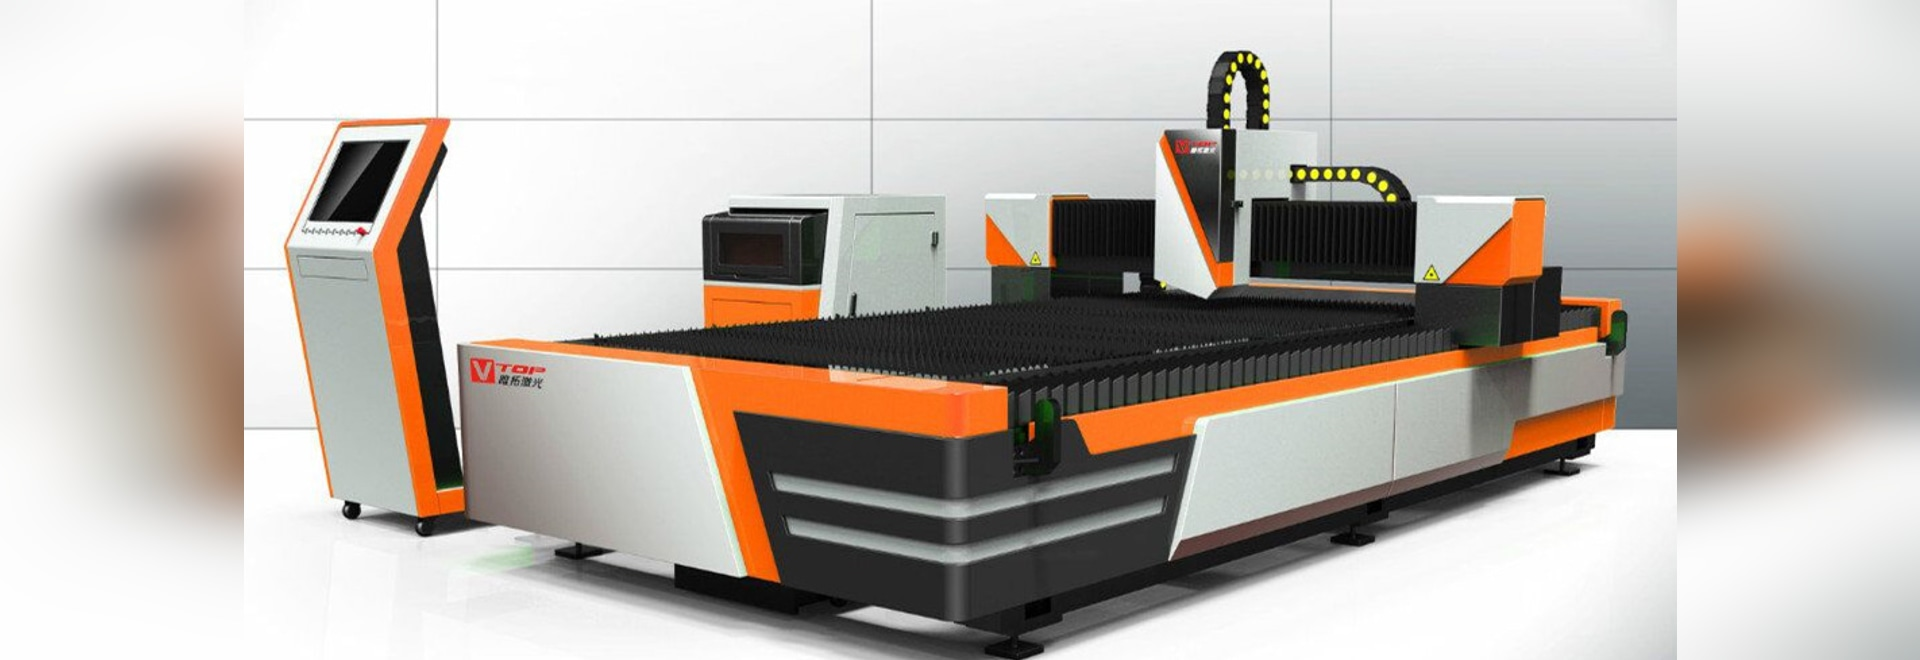 New Model Economic Open Type Fiber Laser Machine de découpe de feuilles de métal Conçu par Golden Vtop Laser